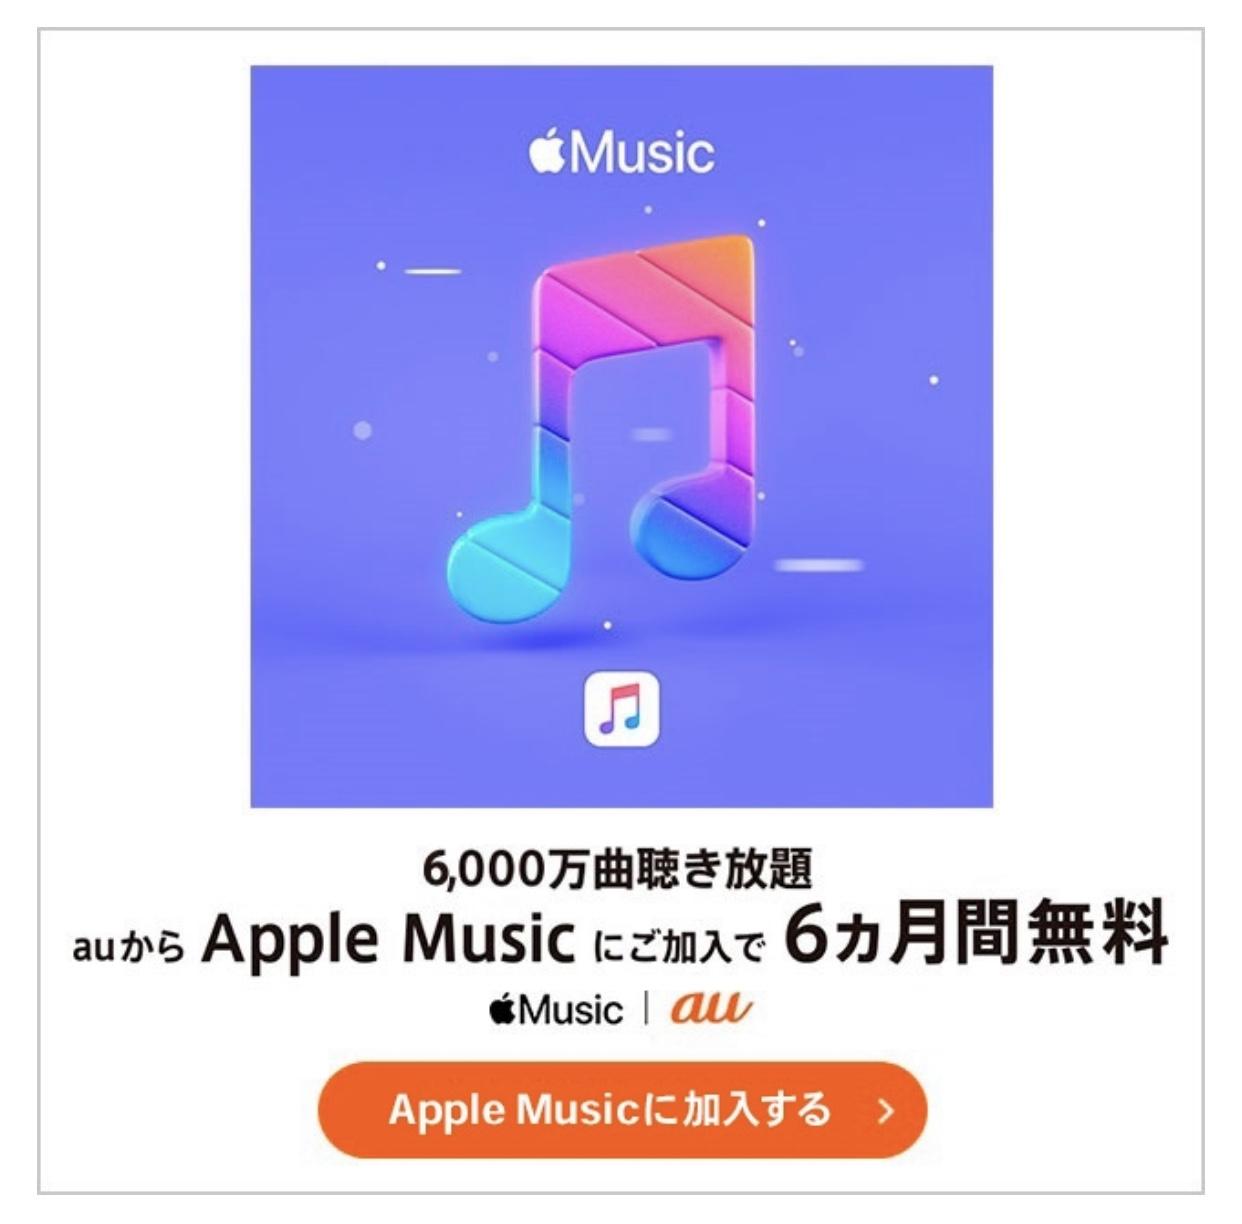 ミュージック 値段 アップル